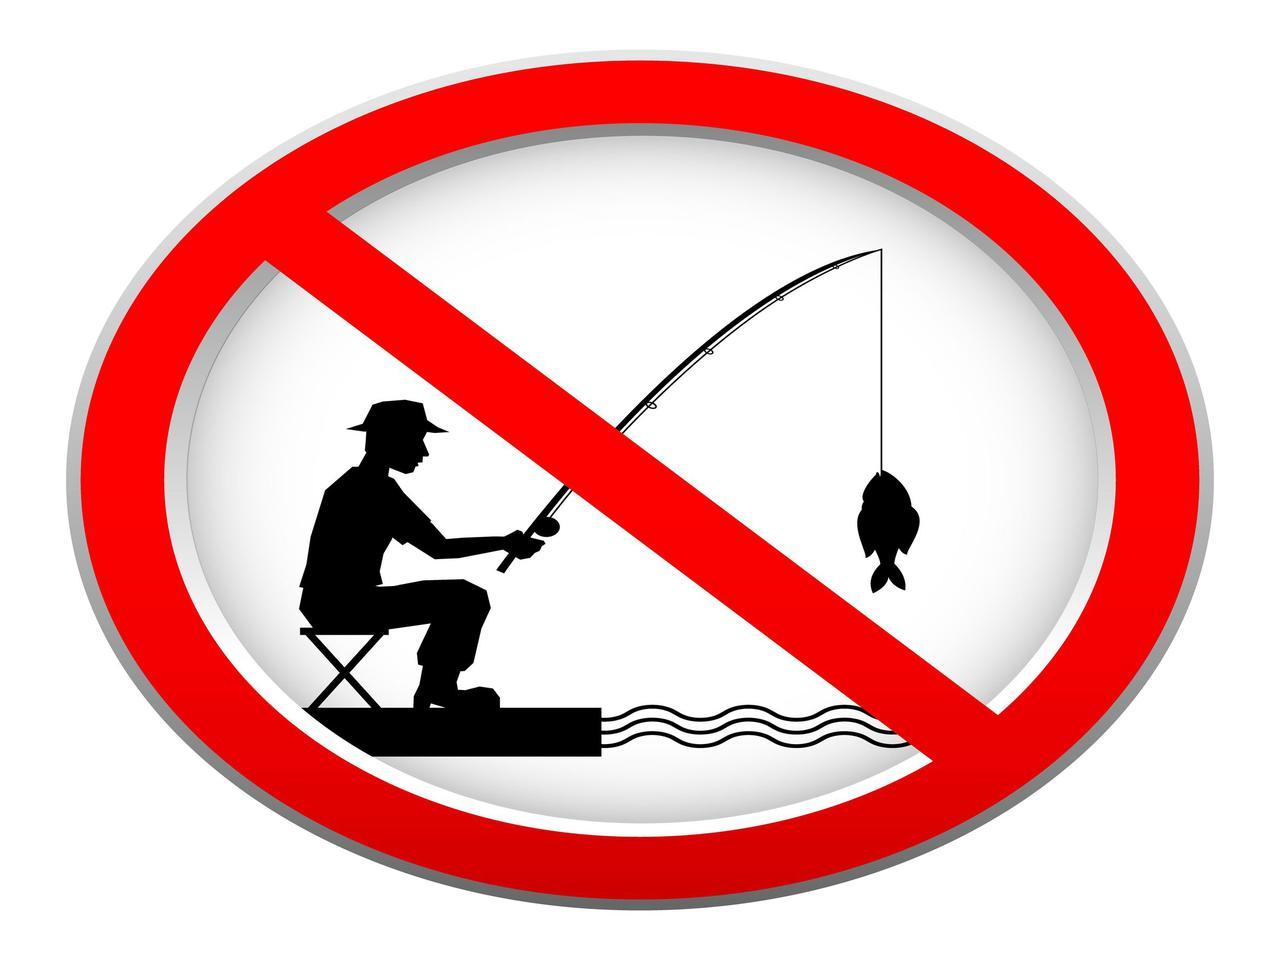 画像: 初心者必見・海釣りにおける注意点! 釣りの前は家族に伝える! 危険な場所や禁止区域では釣らない!